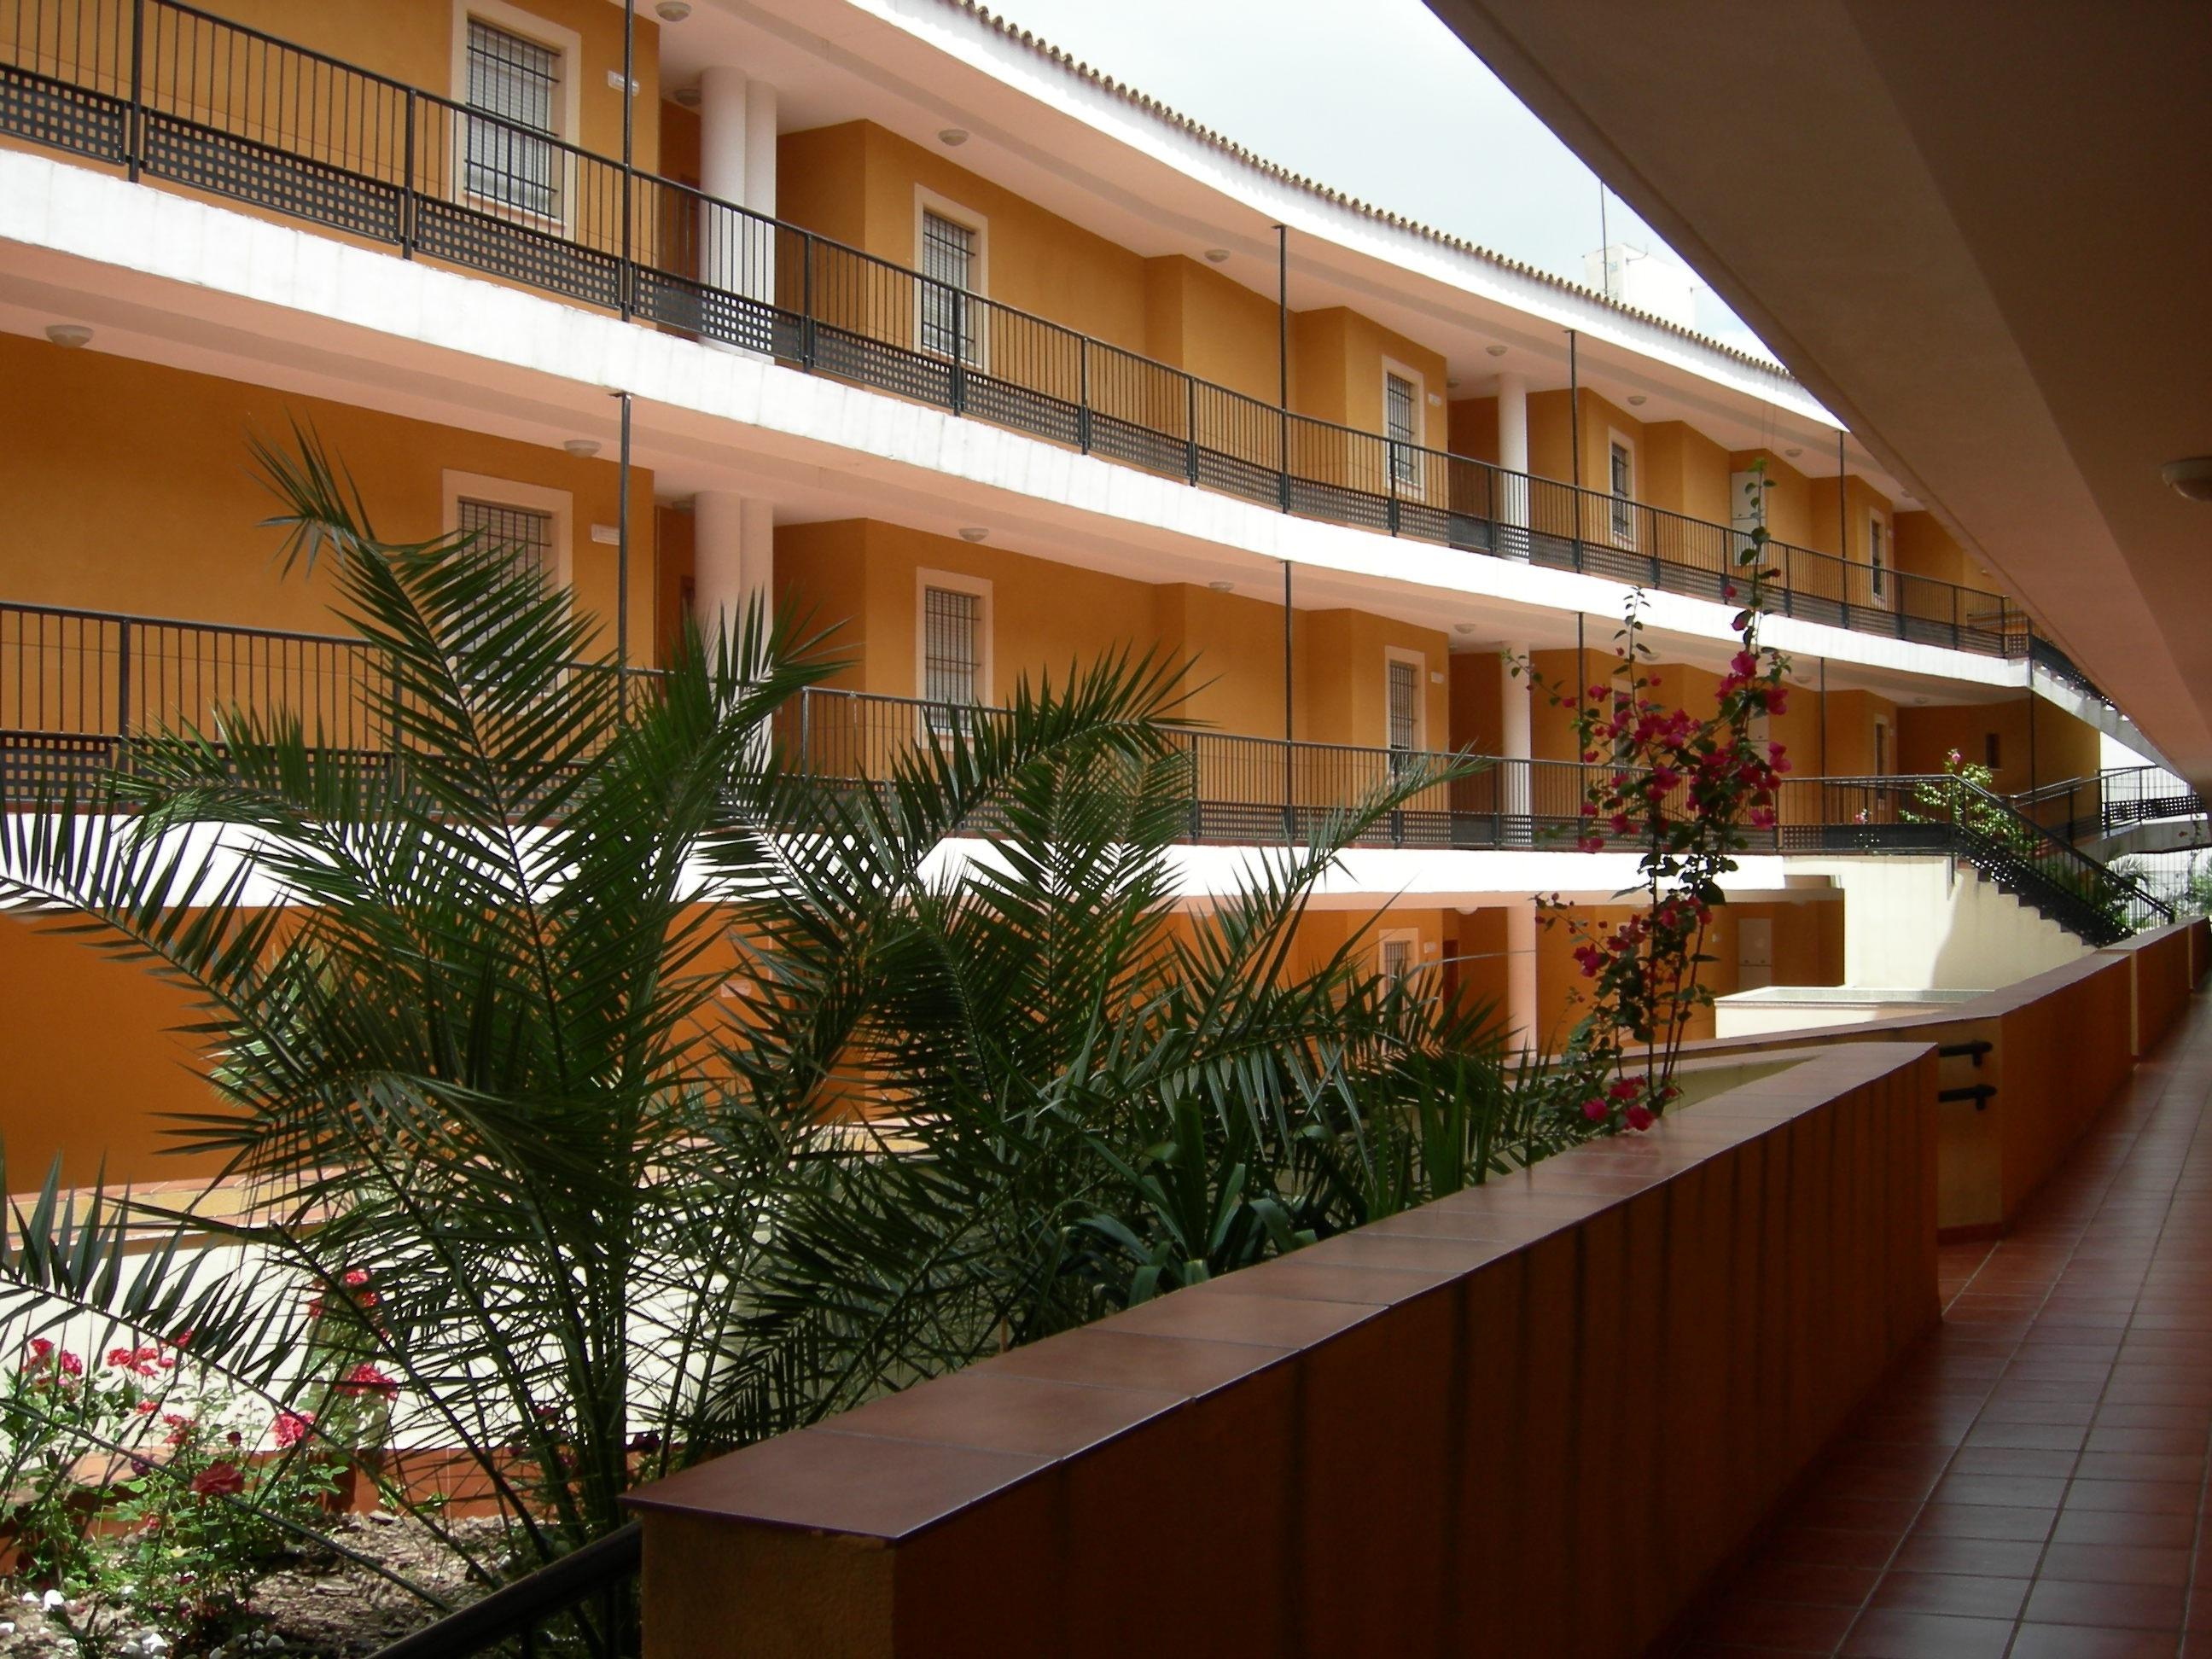 La Obra Social La Caixa oferta 65 viviendas en alquiler solidario de entre 85 y 150 euros al mes